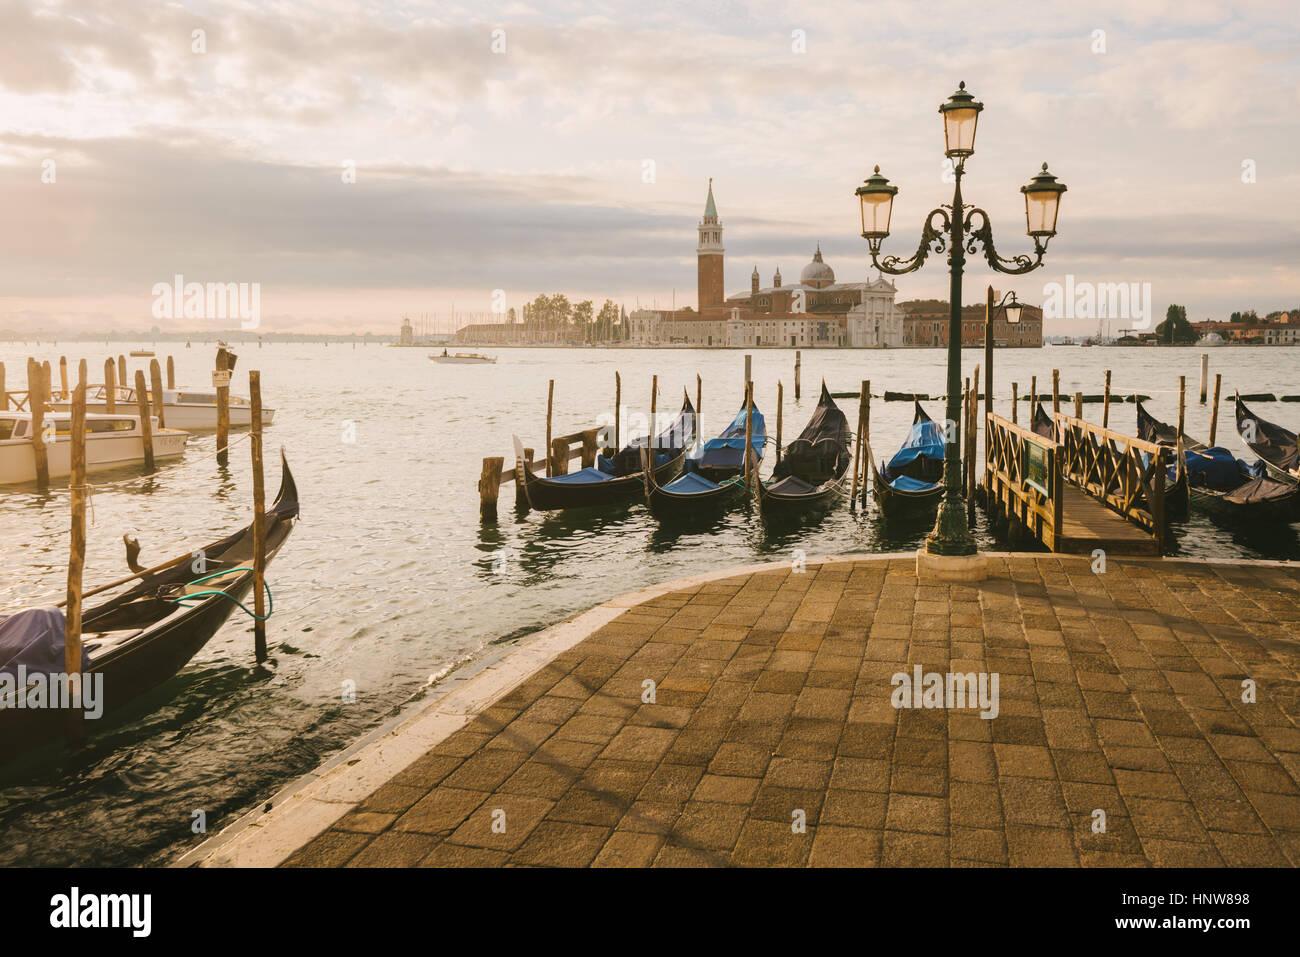 Gondoles de Grand Canal, l'île de San Giorgio Maggiore en arrière-plan, Venise, Italie Photo Stock